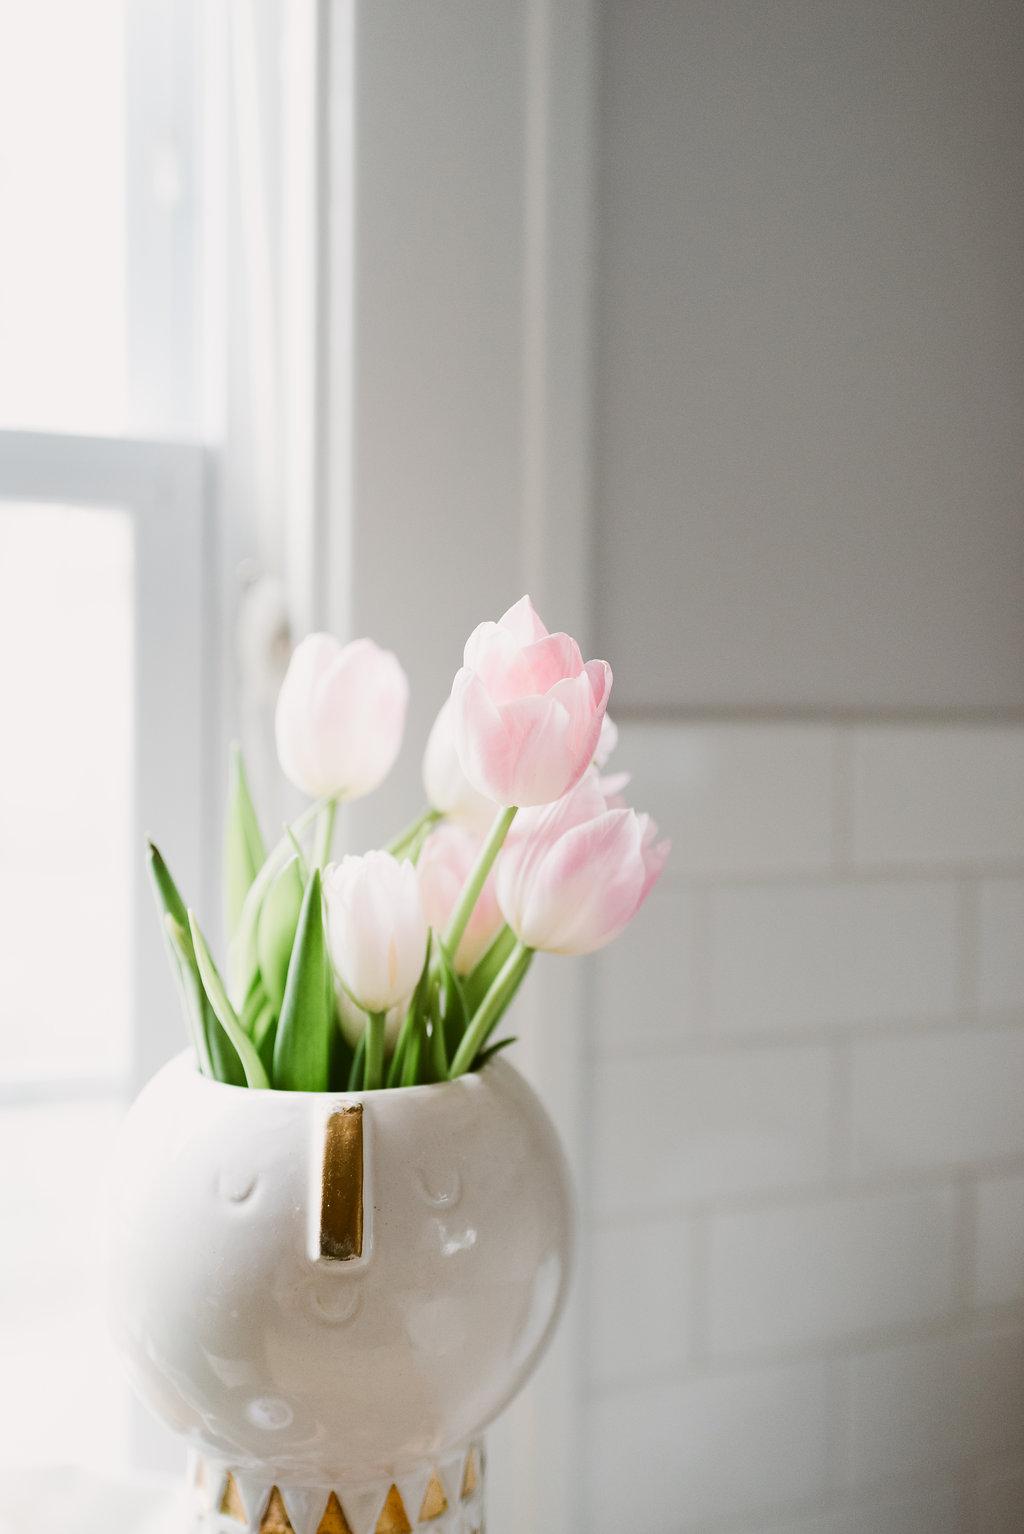 deboe-studio-interiors-kitchen-flowers